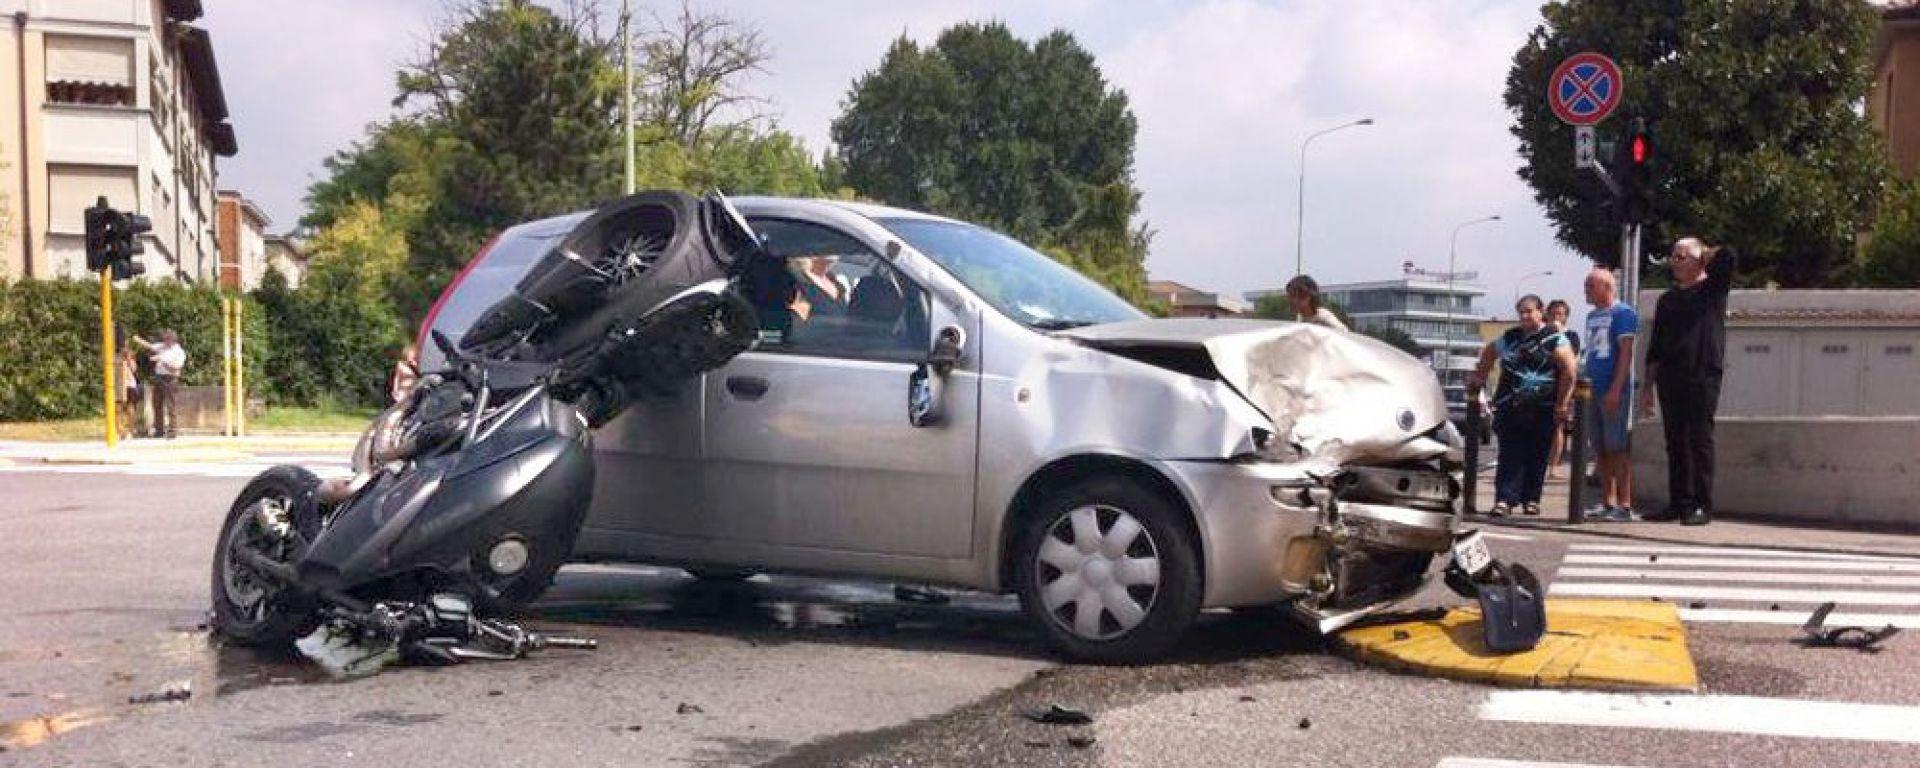 Incidenti auto-moto: cinque consigli pratici per evitarli